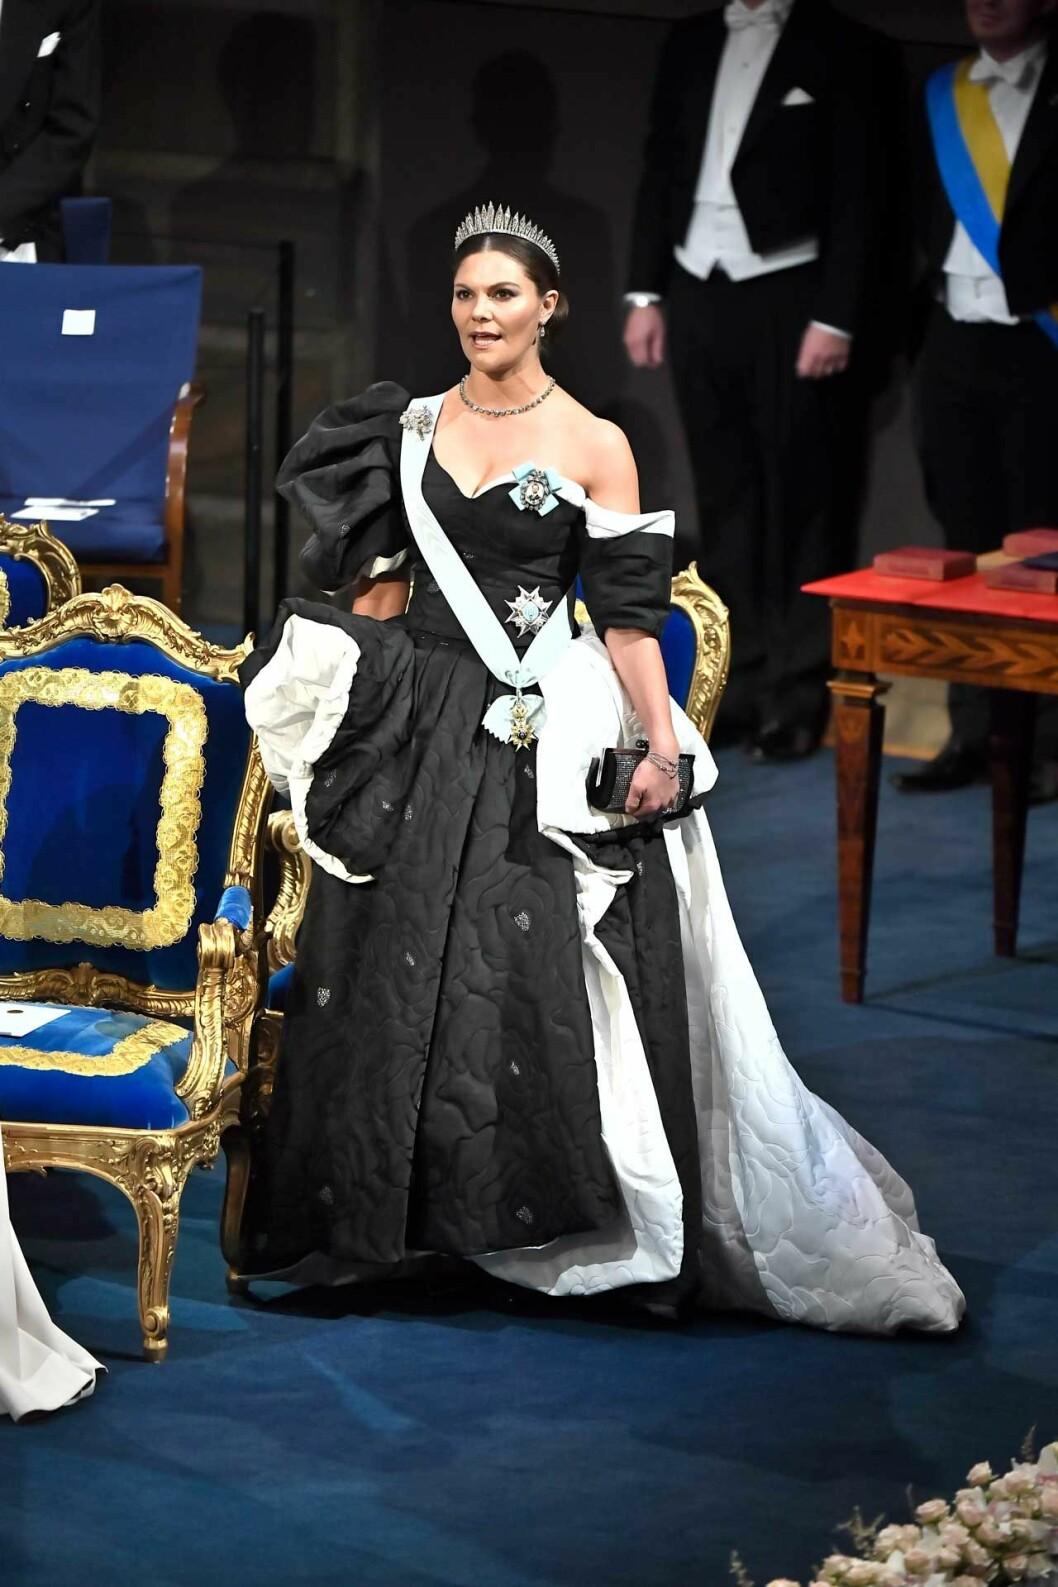 Victorias Nobelklänning 2019 skapad av Selam Fessahaye.